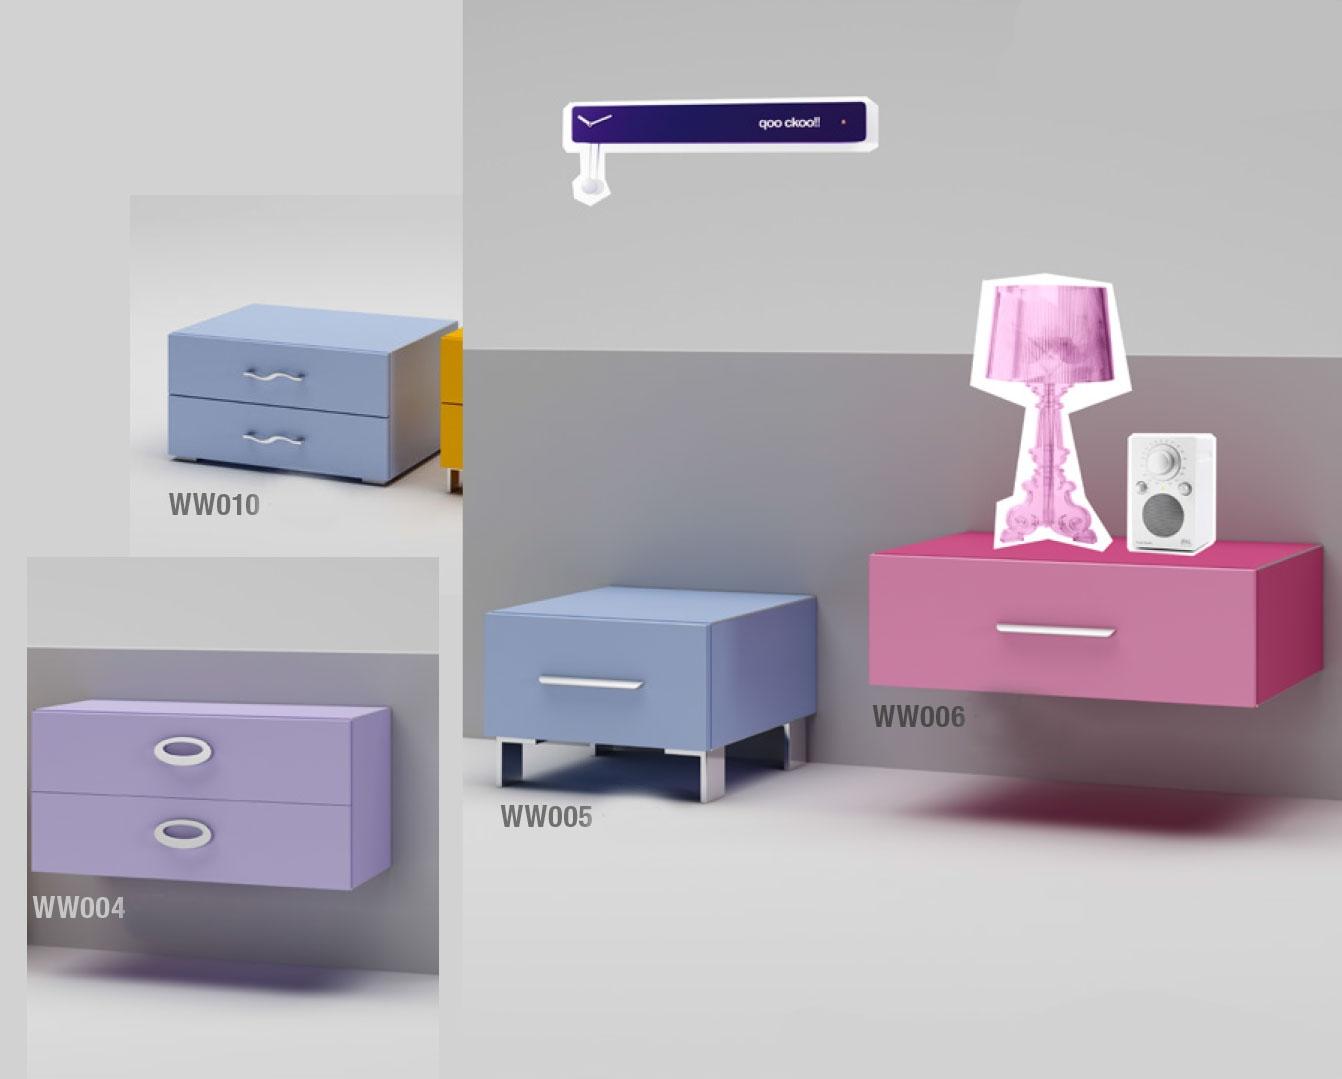 lit ado blanc avec t te de lit rembourr e moretti. Black Bedroom Furniture Sets. Home Design Ideas